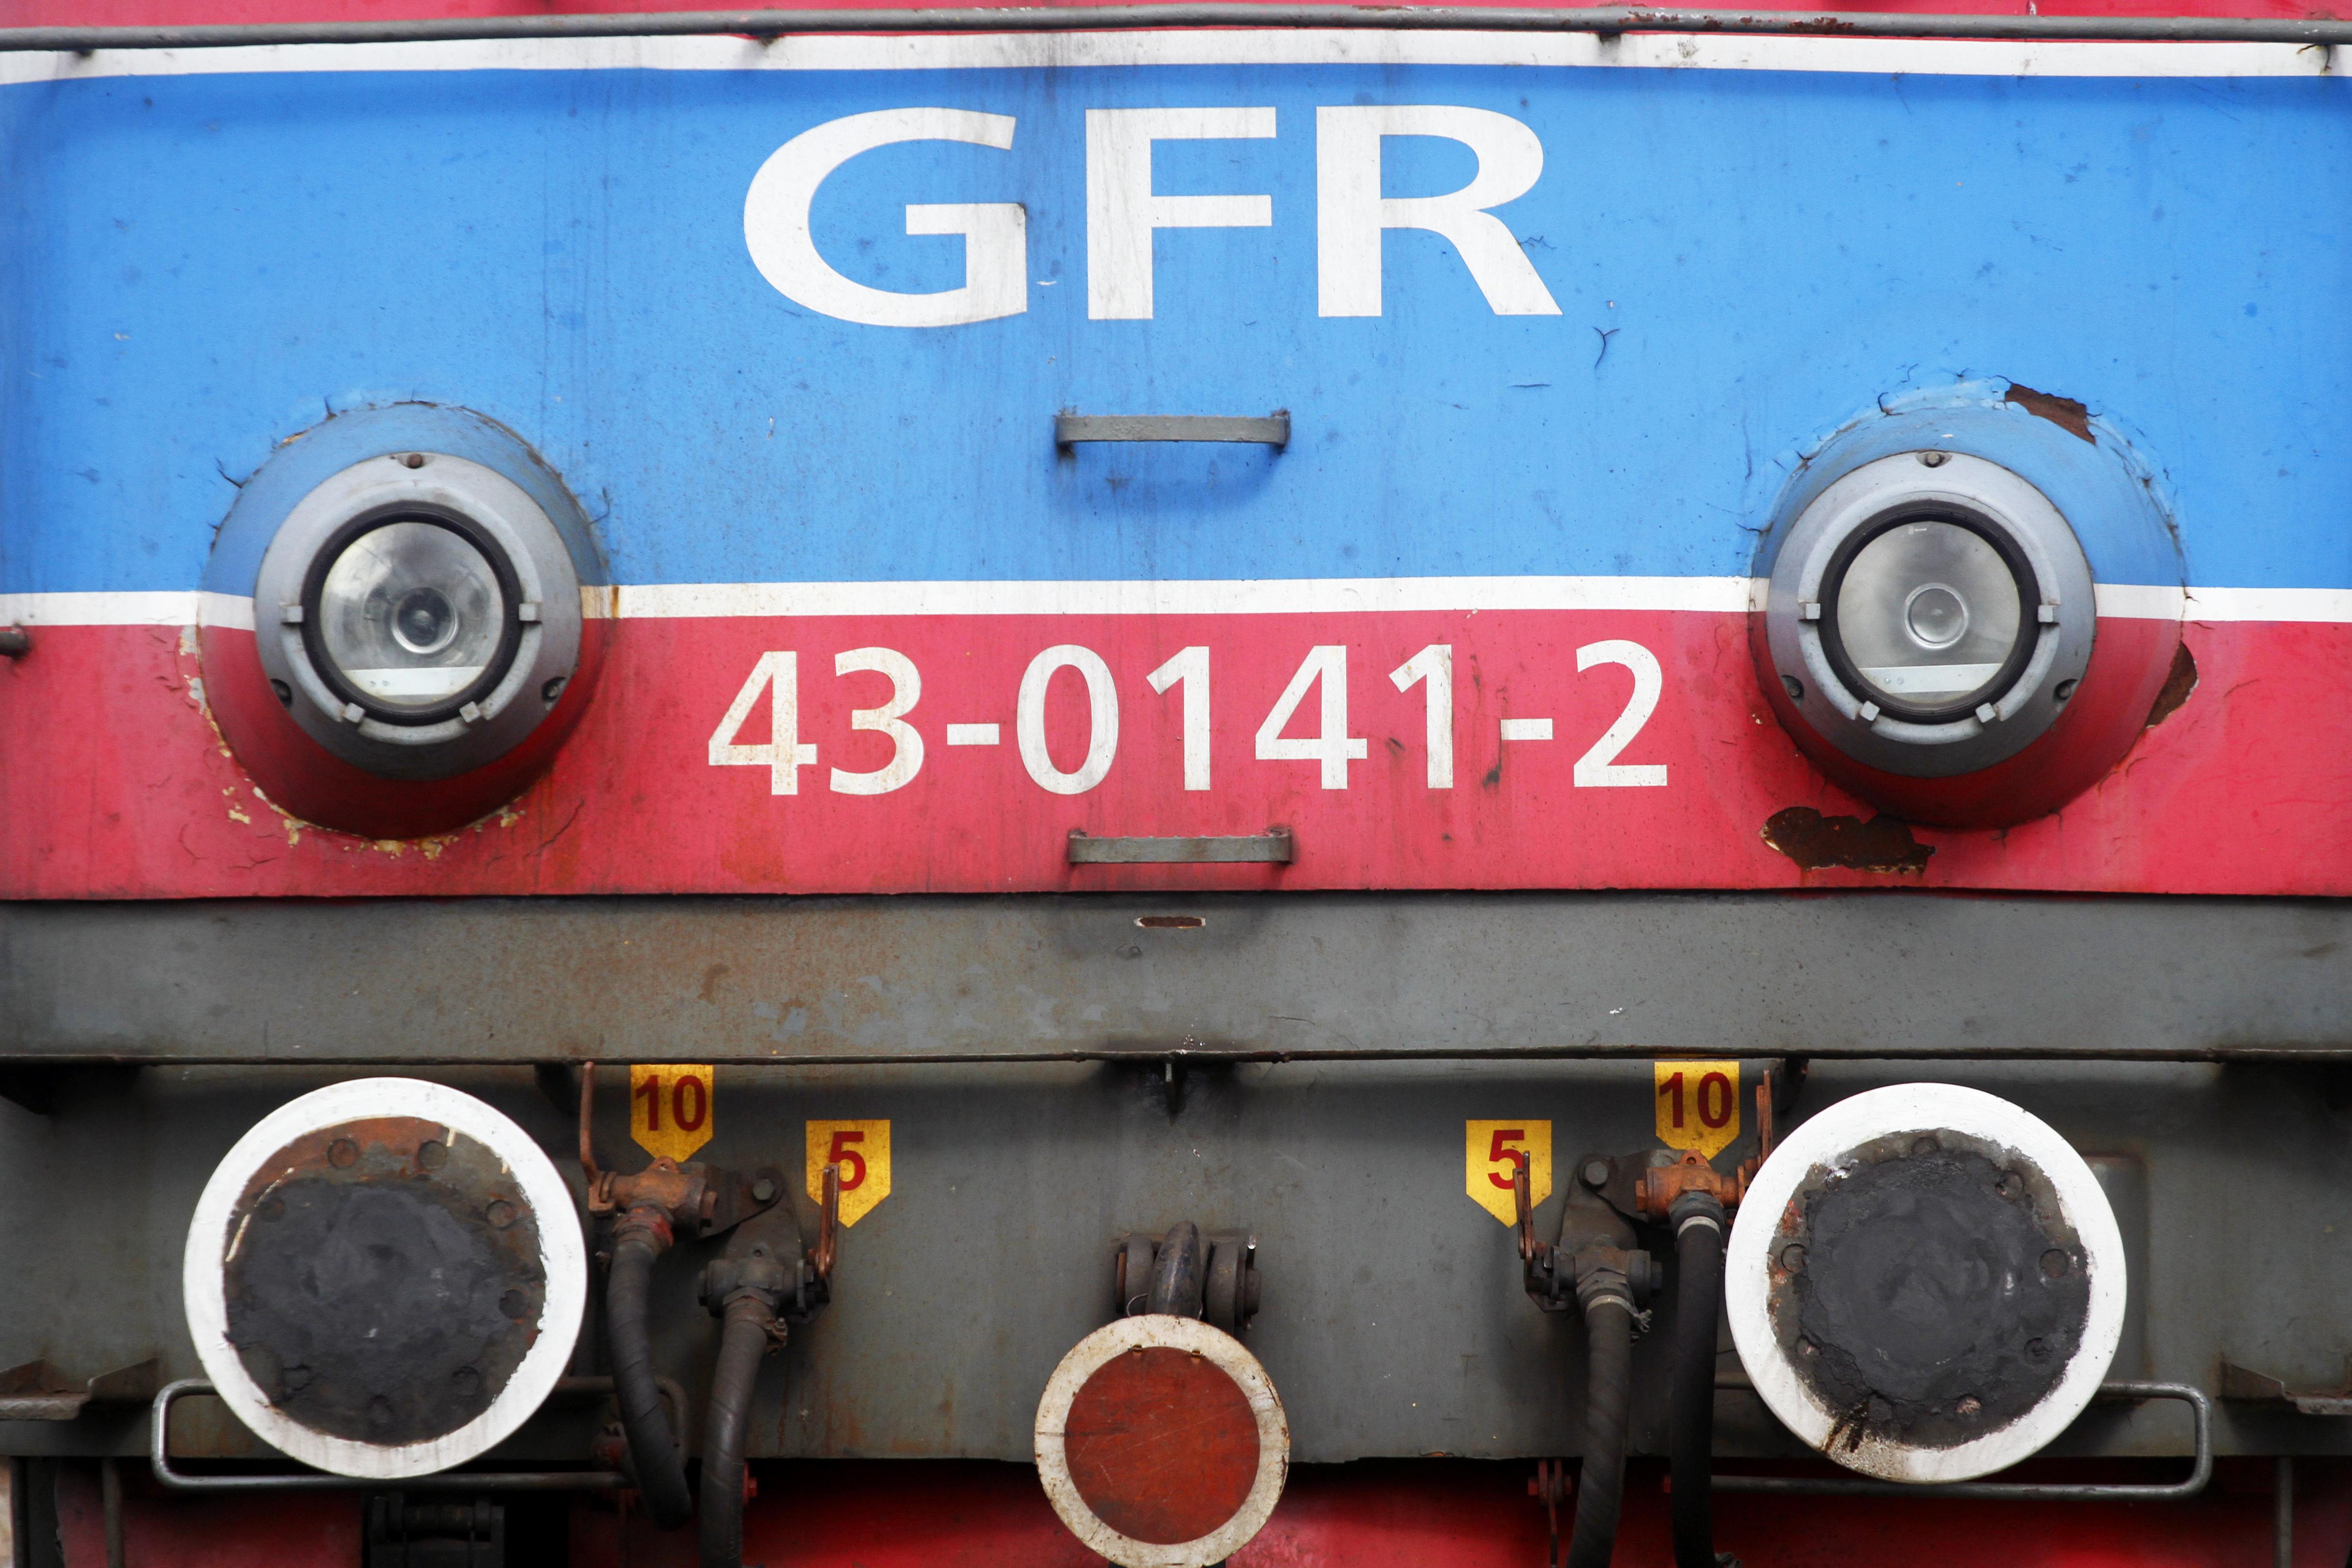 CFR Marfa, pe urmele Oltchim. GFR: